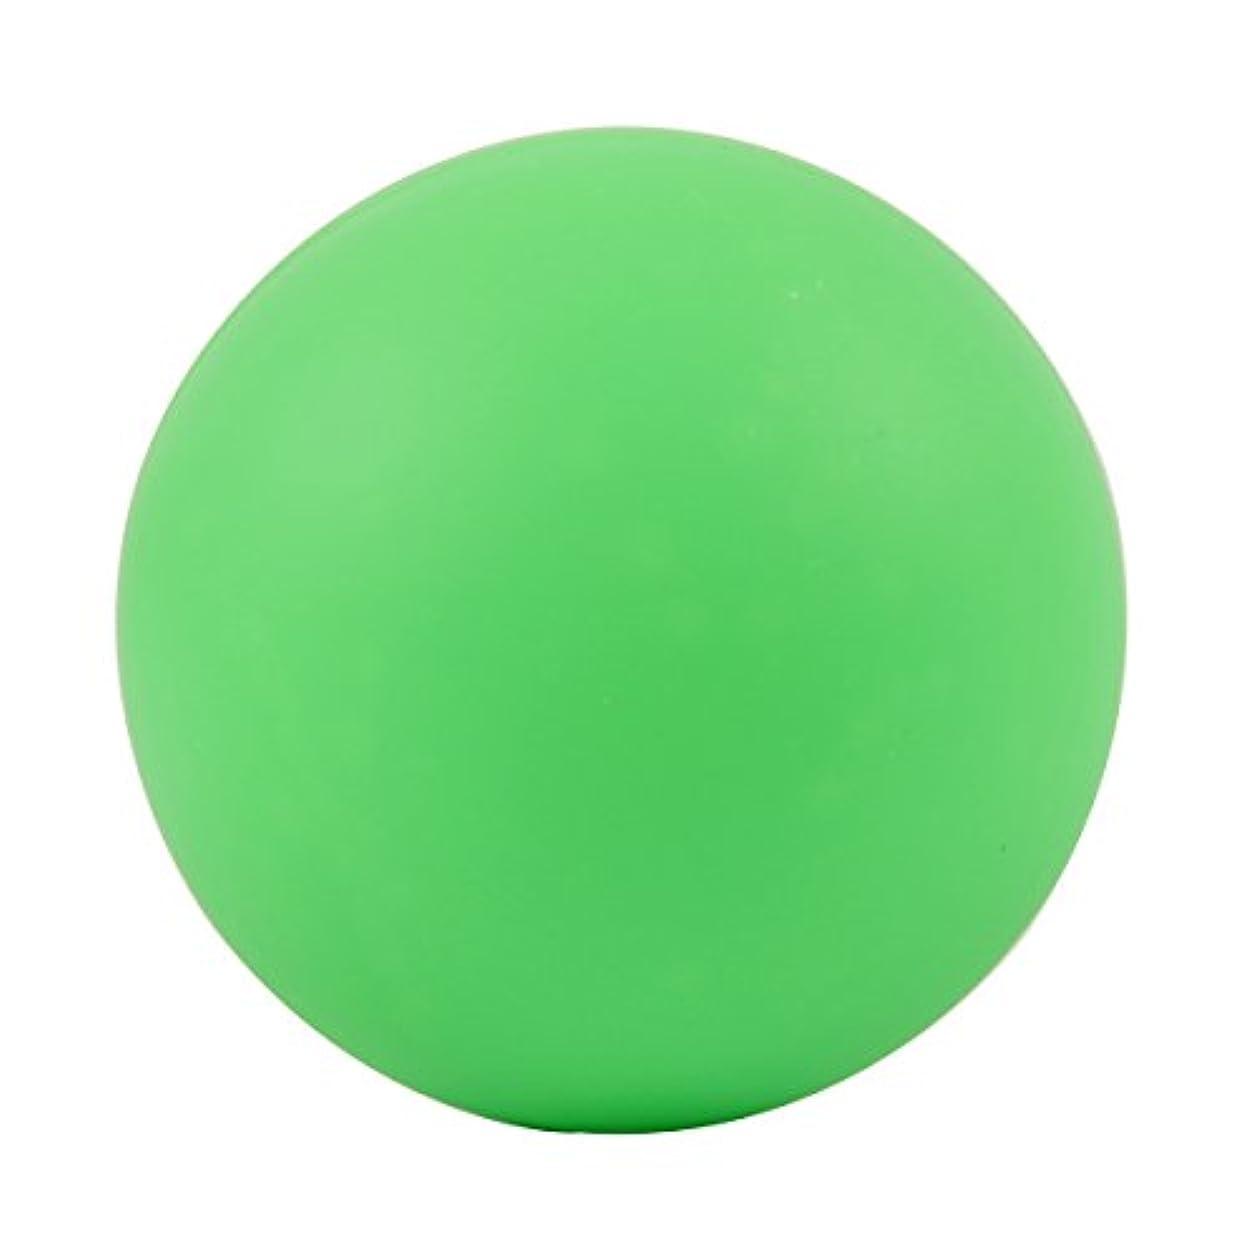 上流の基準暴露するZigwin マッサージ ボール ローラー セット シリコーン 筋膜リリース ツボ押し 筋肉緊張和らげ 血液循環促進